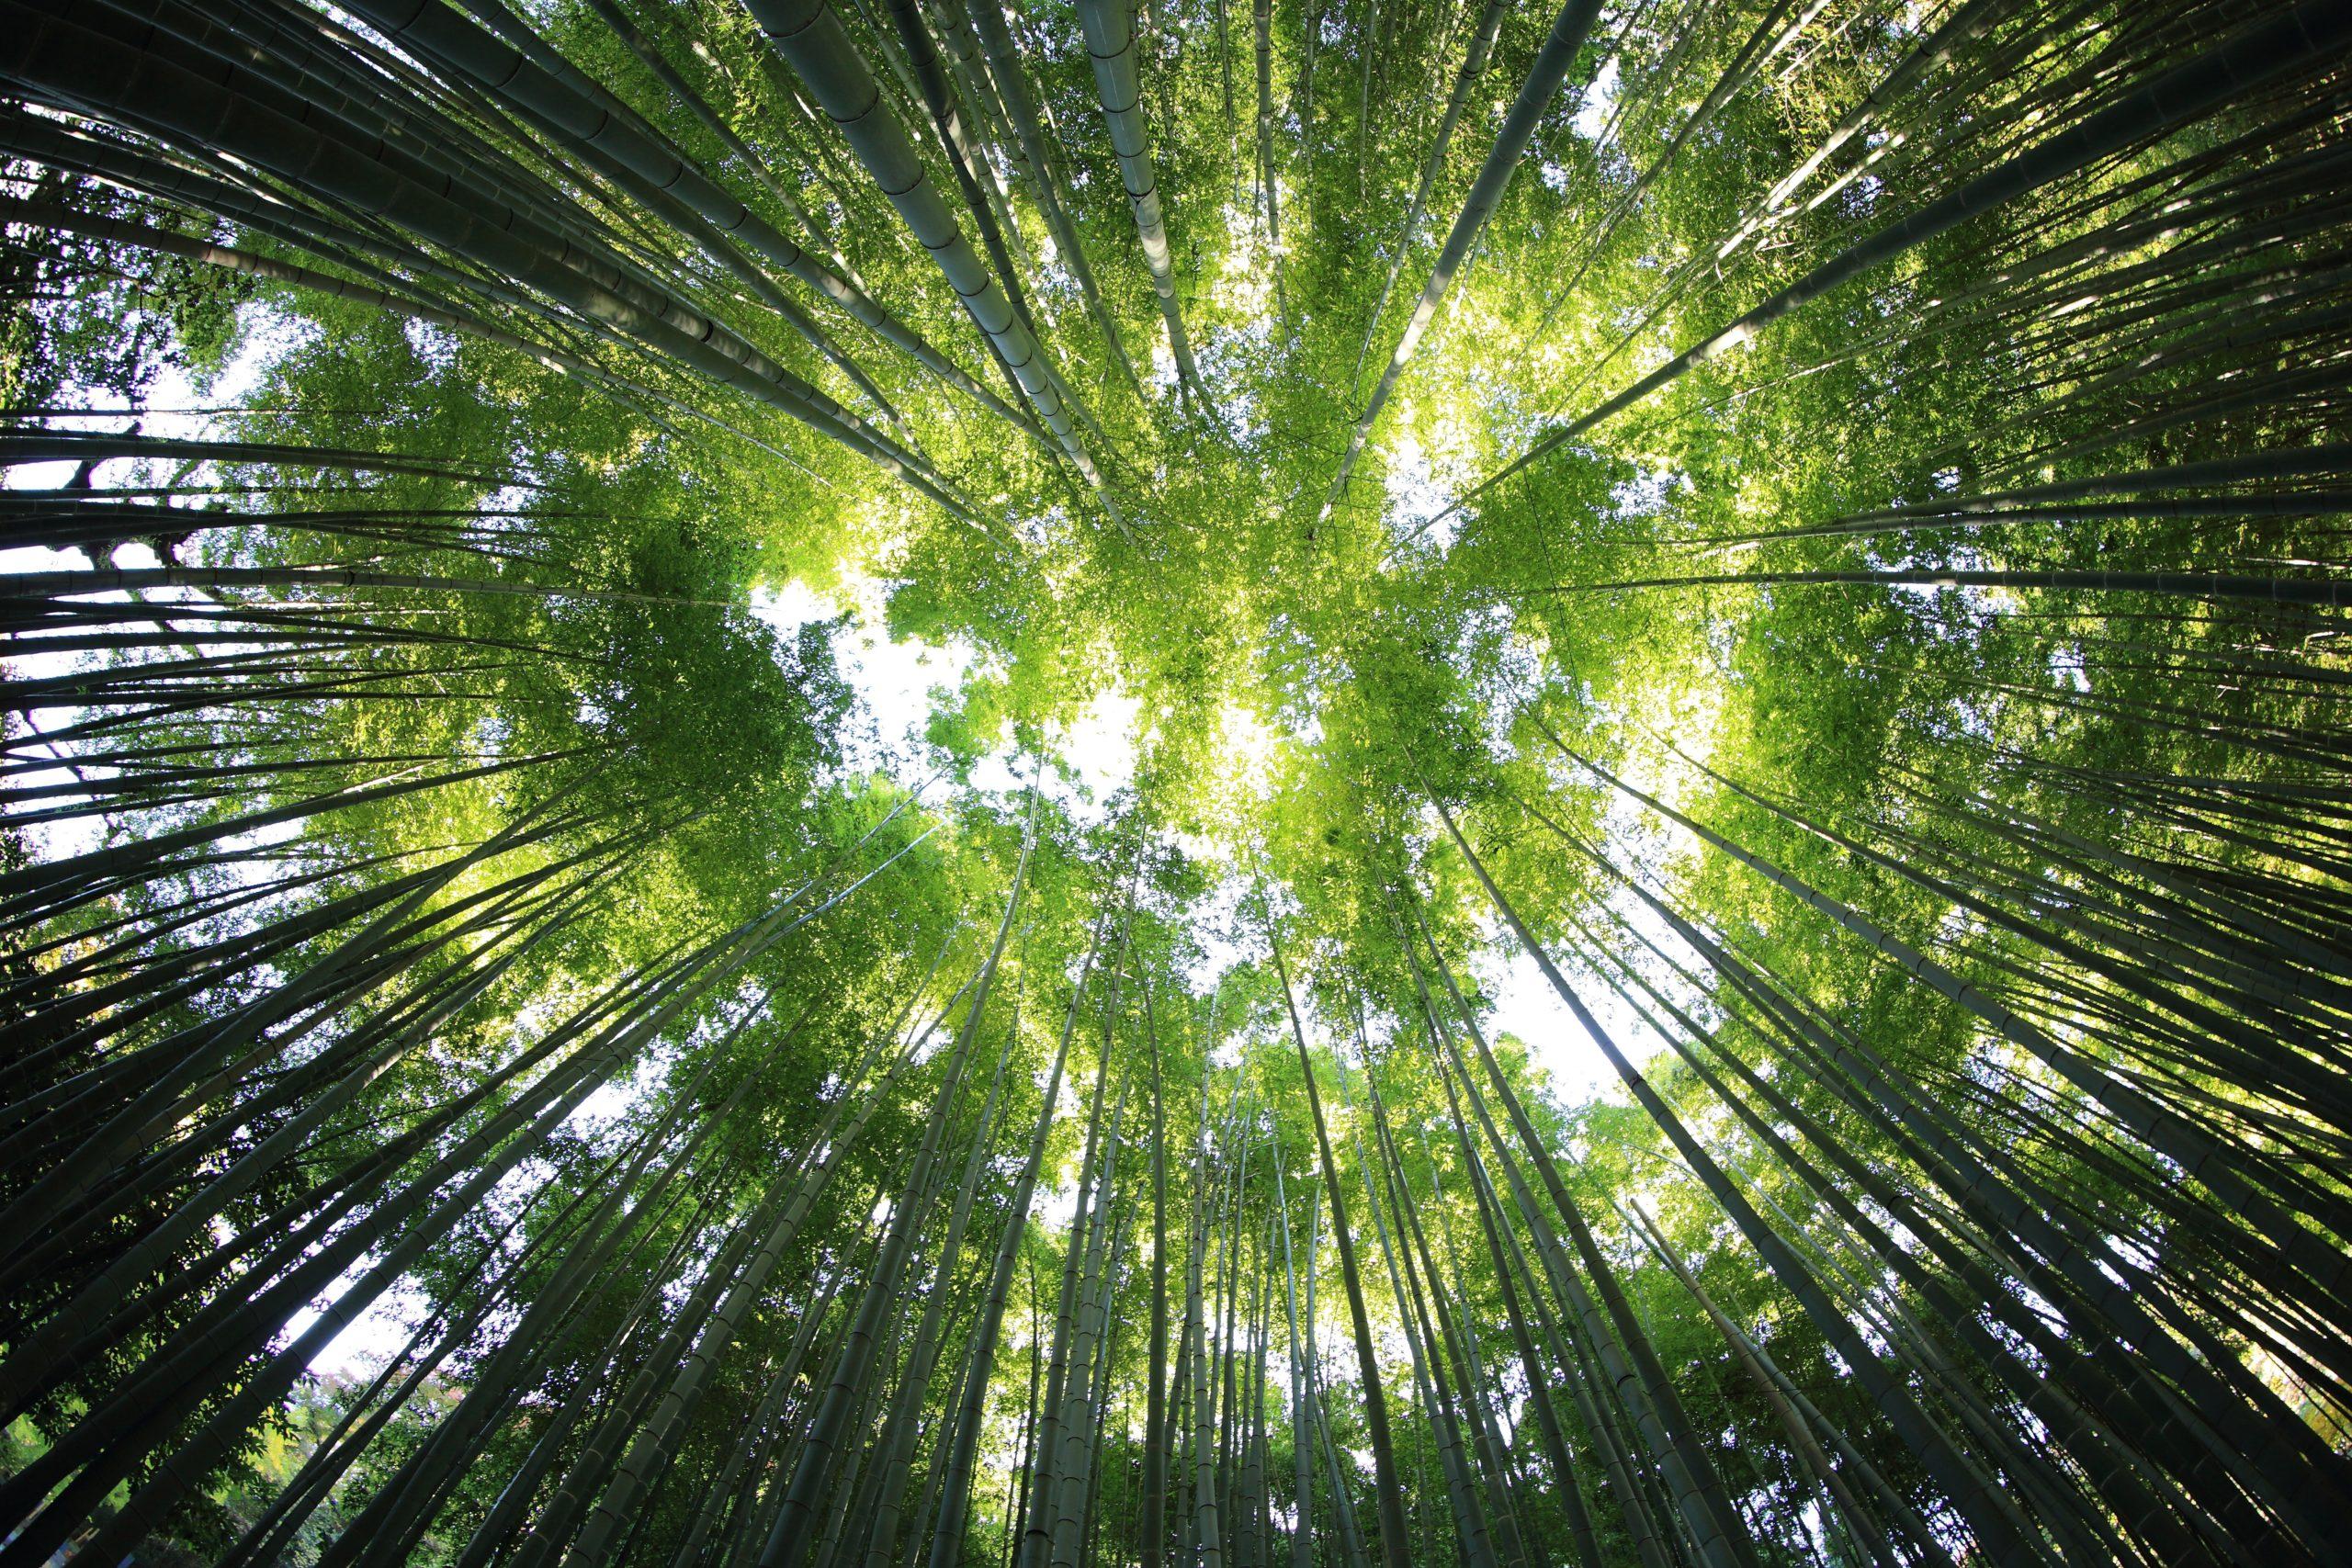 Unesco ajuda na concessão de parques nacionais